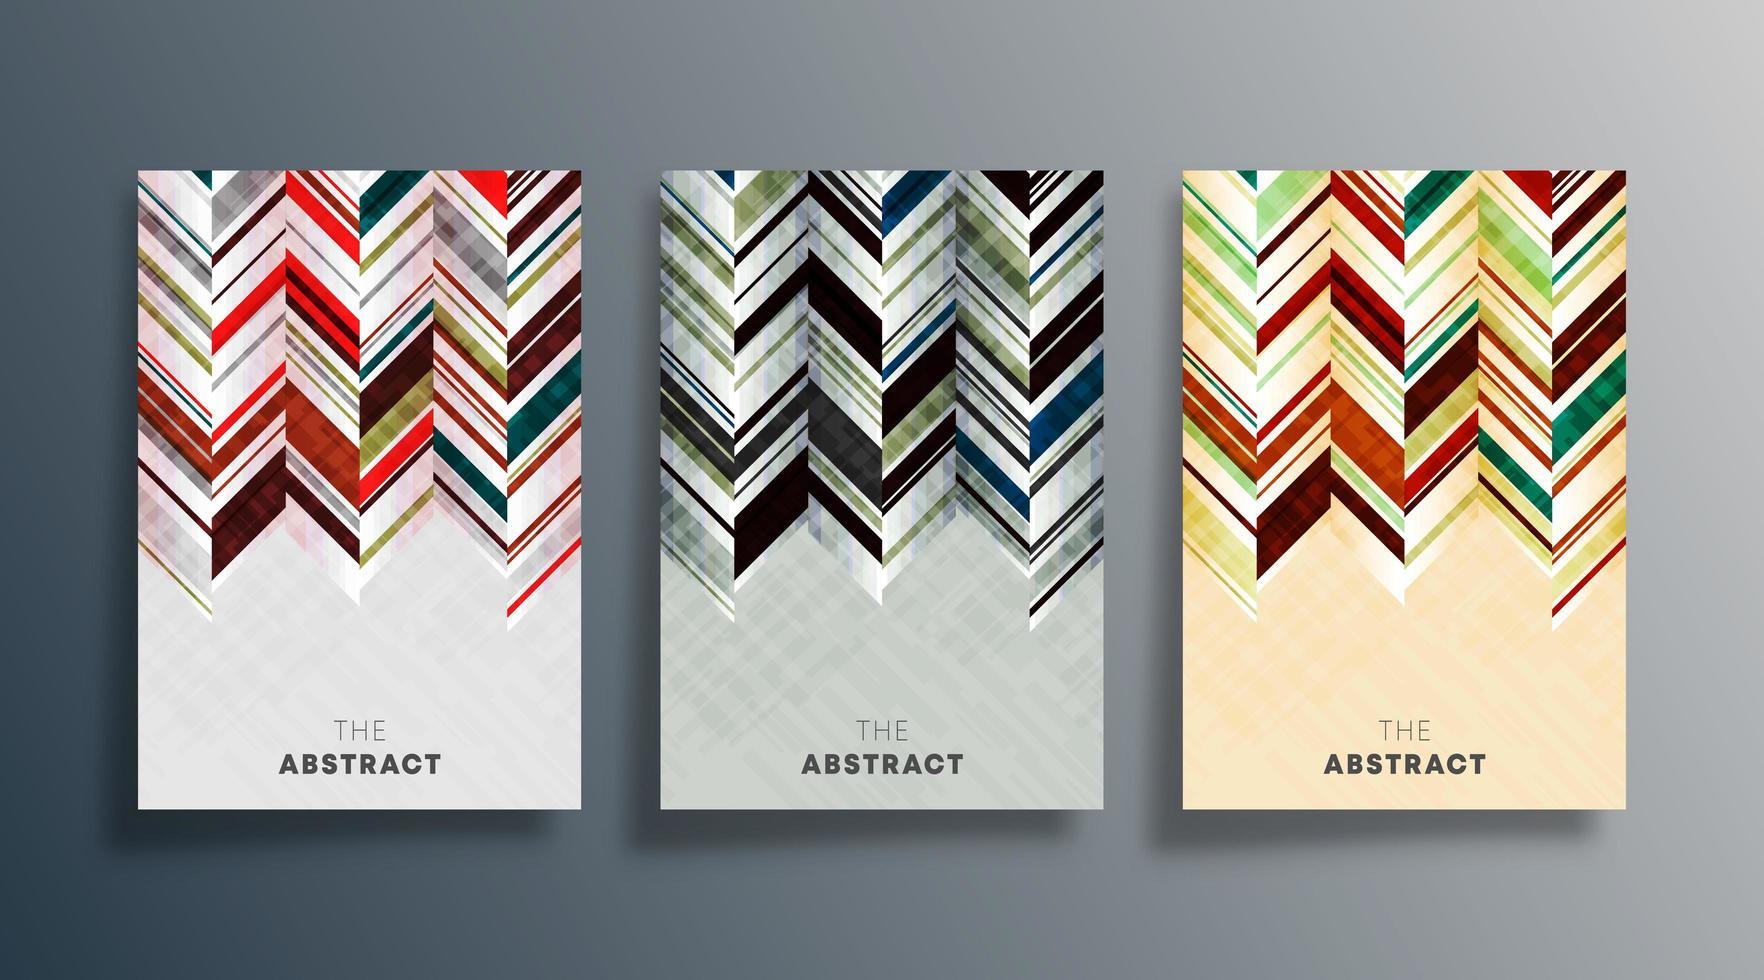 uppsättning abstrakt design omslag vektor